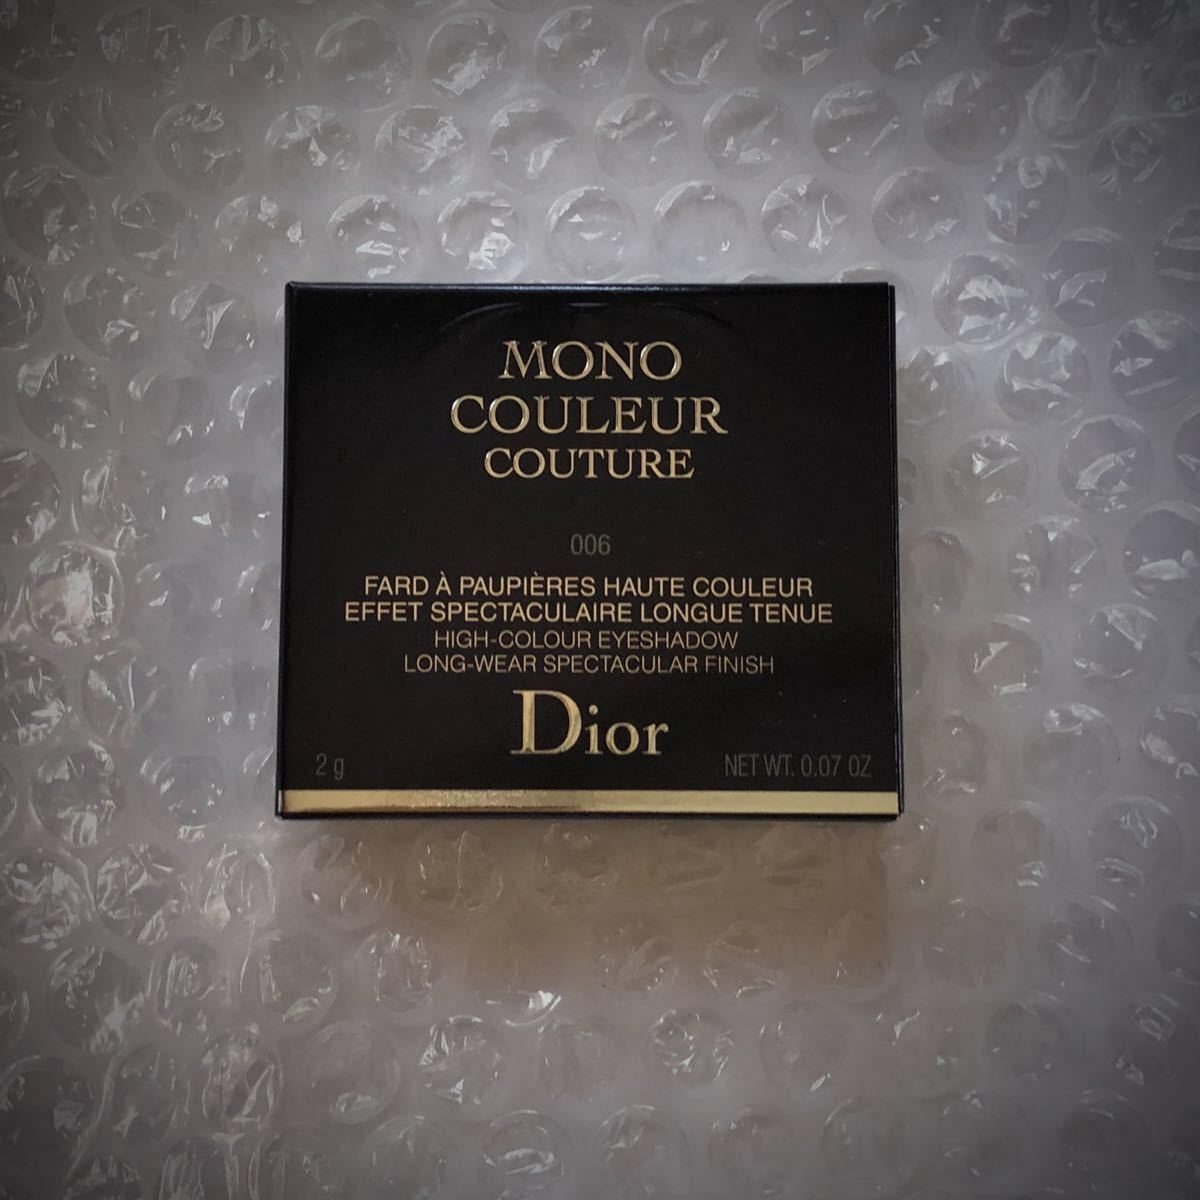 Dior モノ クルール クチュール パール スター 006 グリッター アイシャドウ